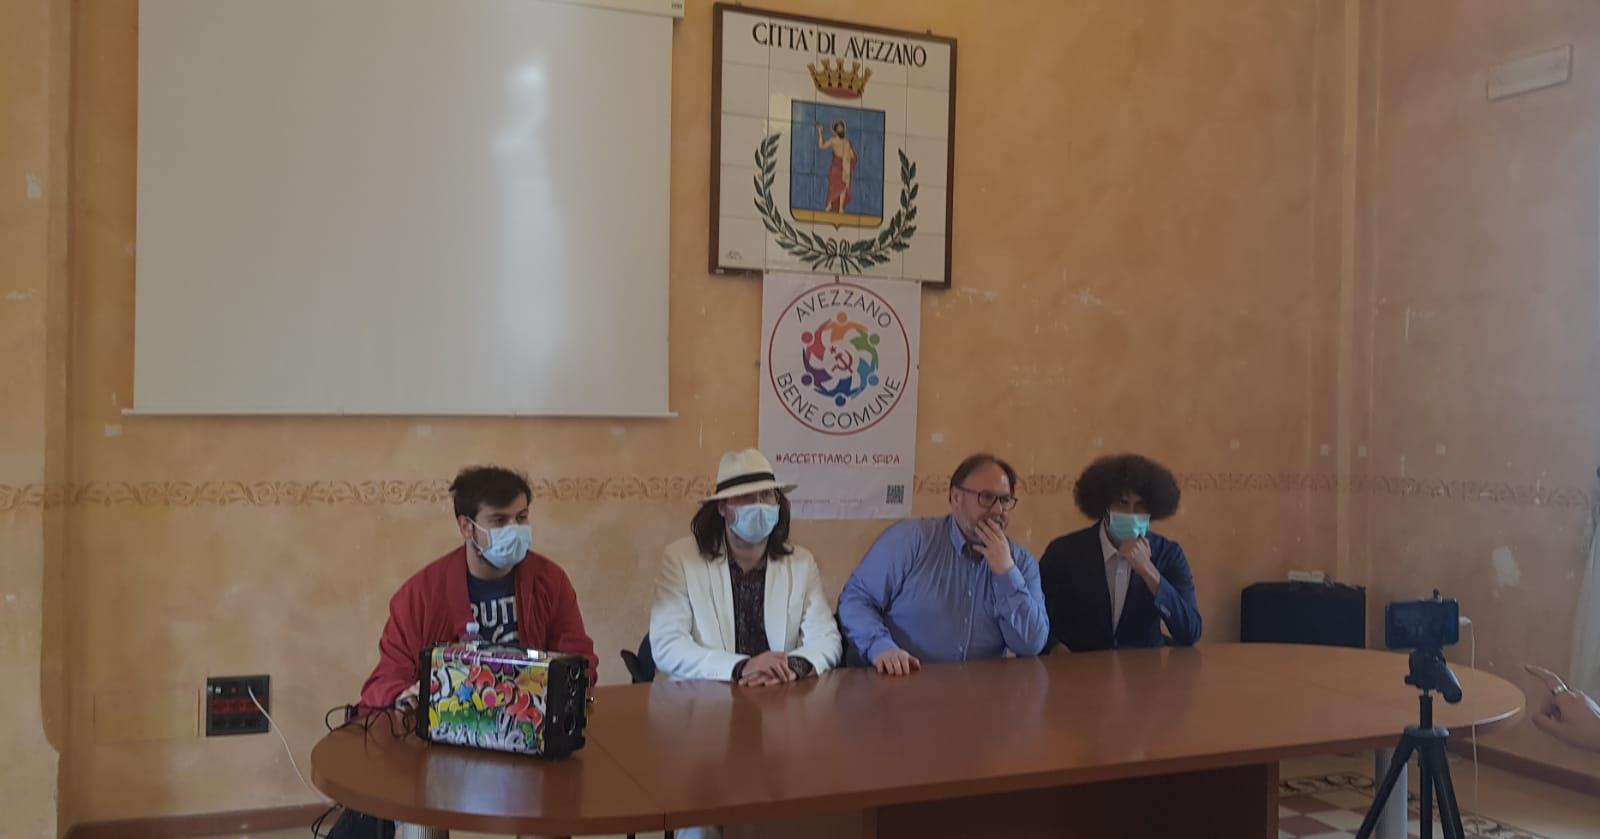 Avezzano Bene Comune presenta il suo candidato sindaco: è Nicola Stornelli, professore precario di storia e filosofia